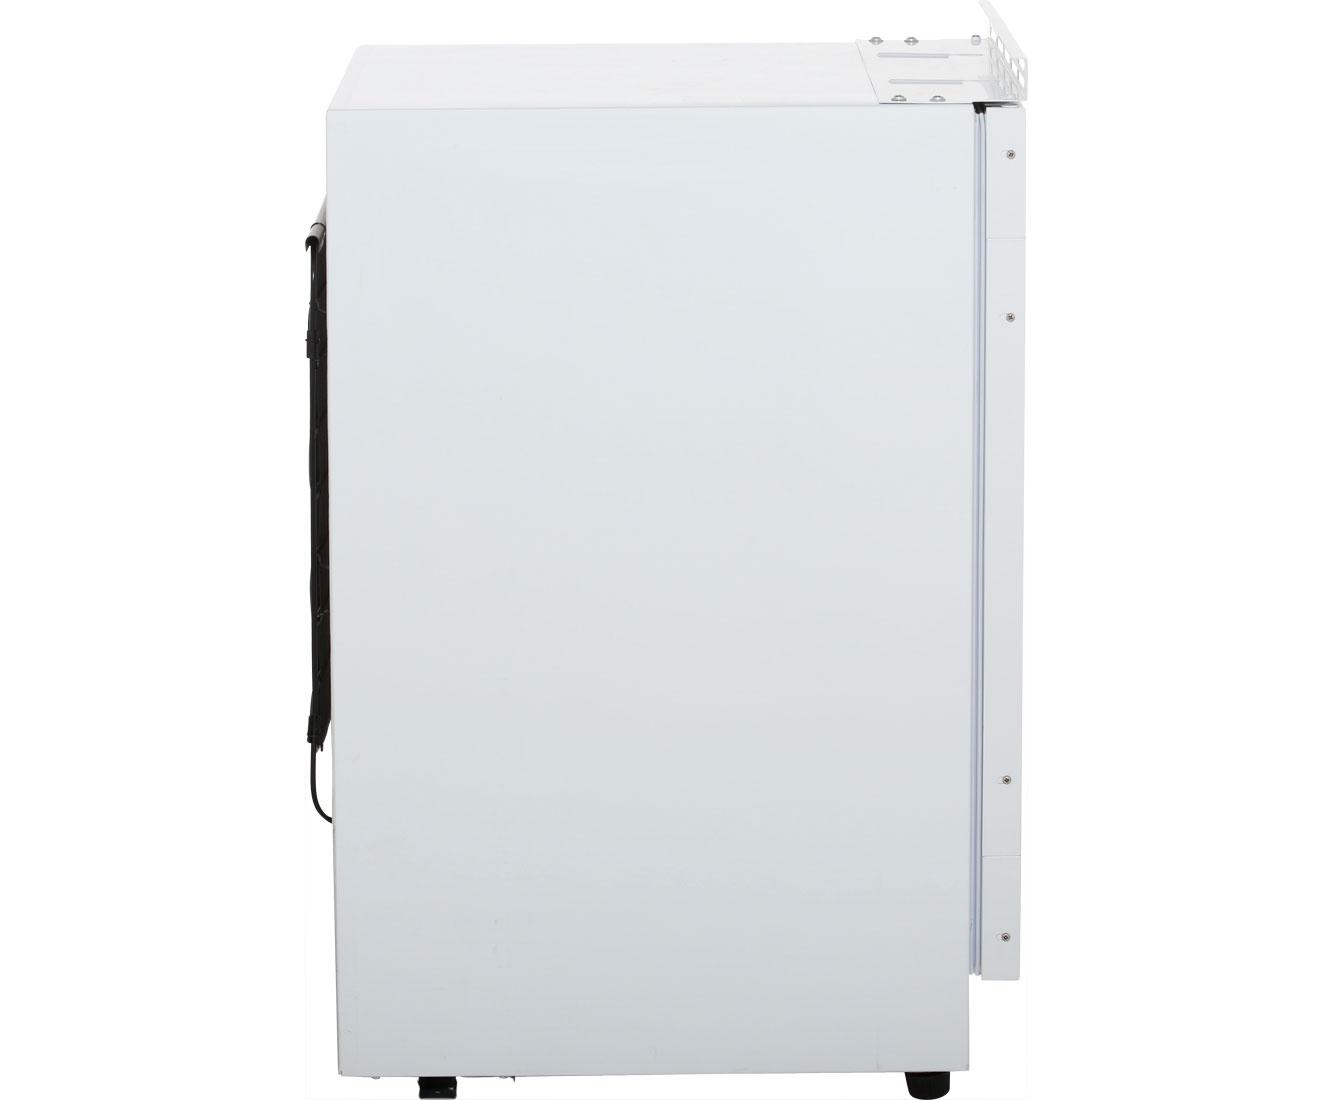 Gorenje Kühlschrank Unterbaufähig : Gorenje ru a unterbau kühlschrank mit gefrierfach er